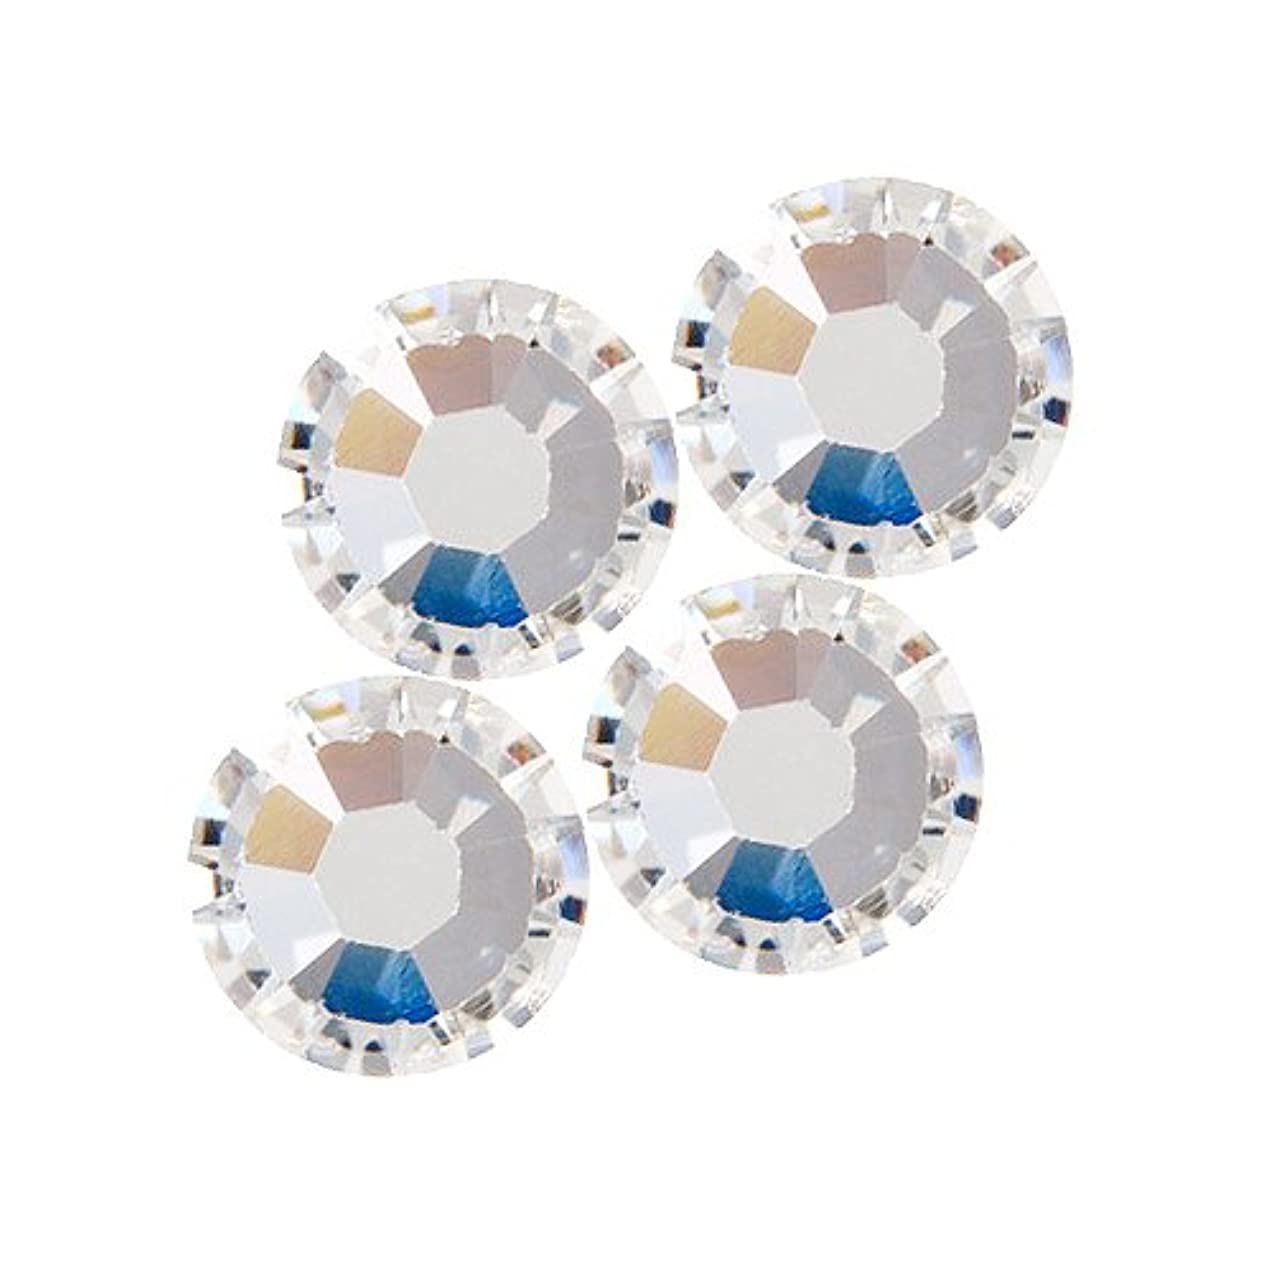 スチュアート島スムーズに剥ぎ取るバイナル DIAMOND RHINESTONE  クリスタル SS6 720粒 ST-SS6-CRY-5G